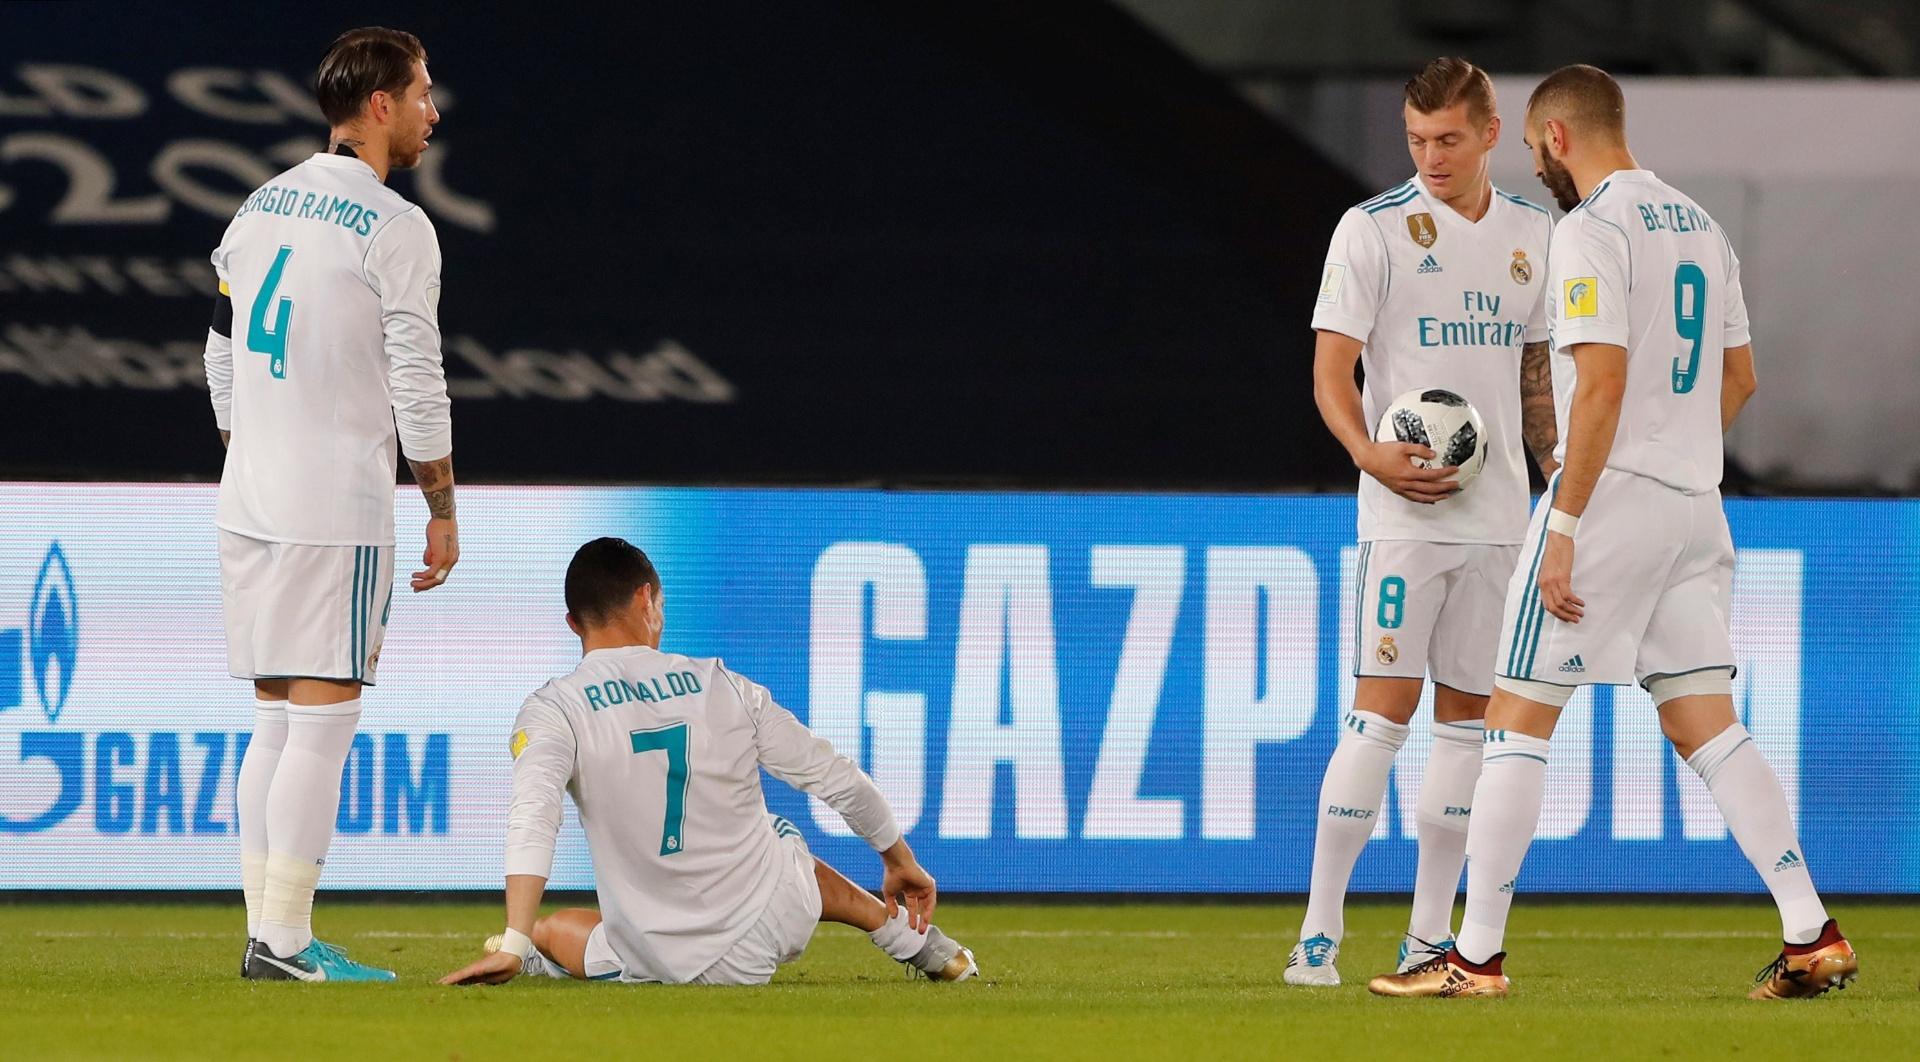 Cristiano Ronaldo fica no chão após entrada de Pedro Geromel, na final do Mundial de Clubes